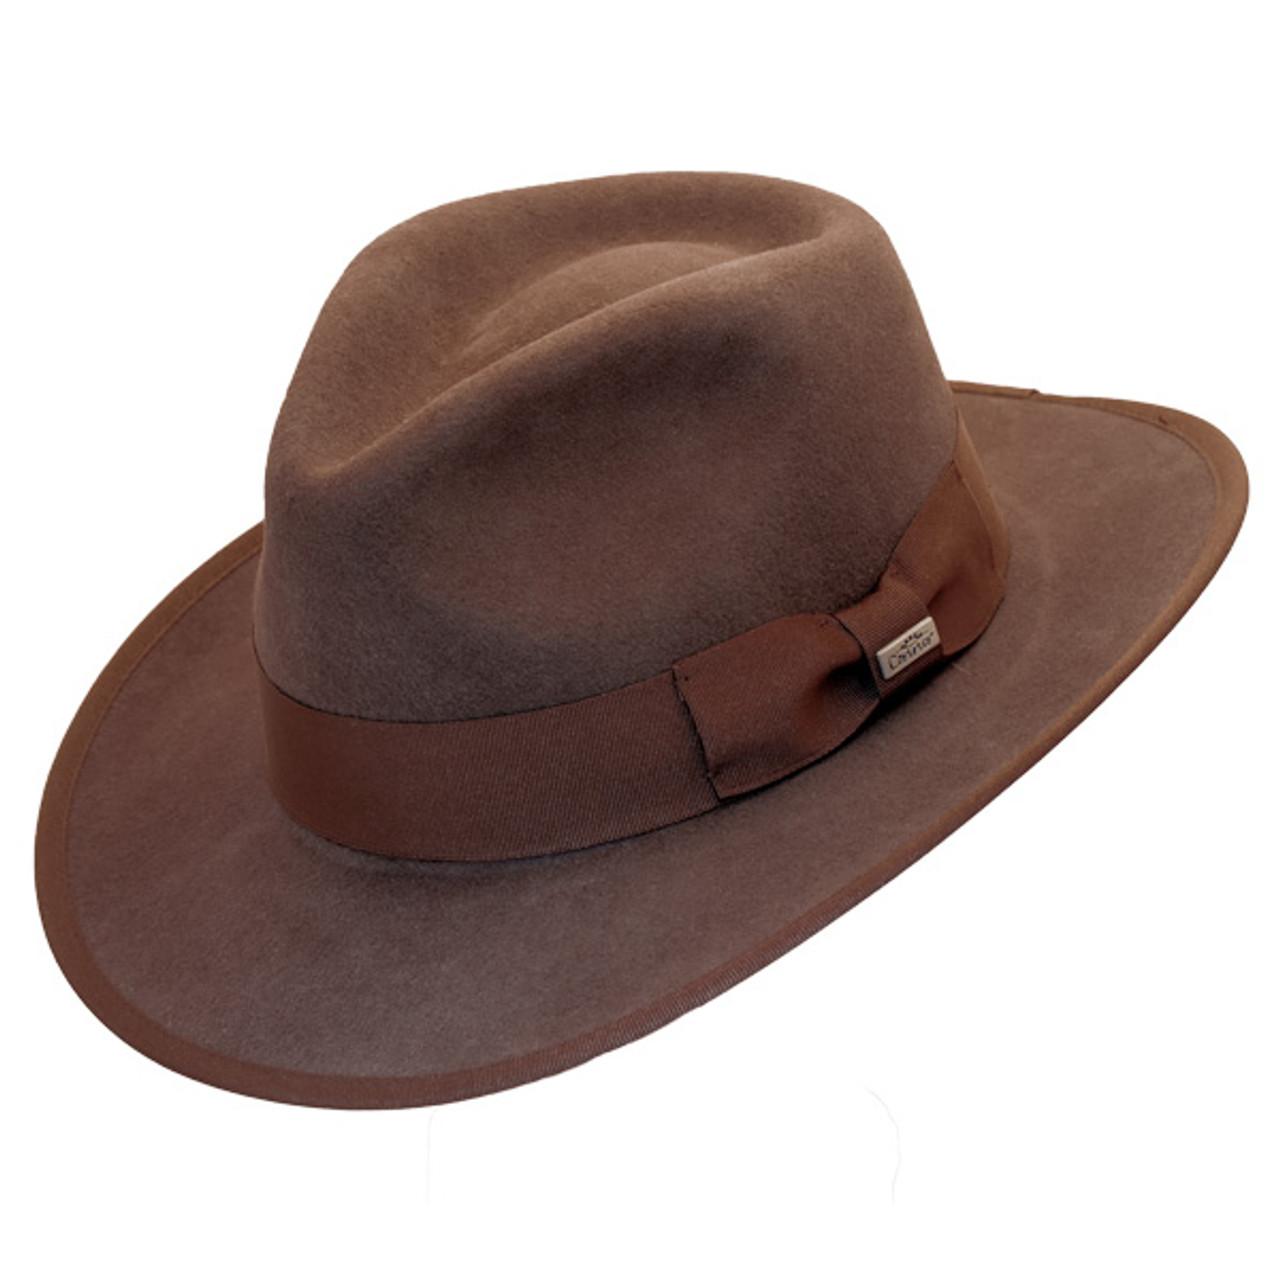 New Conner Indy Jones Mens Water Resistant Cotton Hat Brown Medium